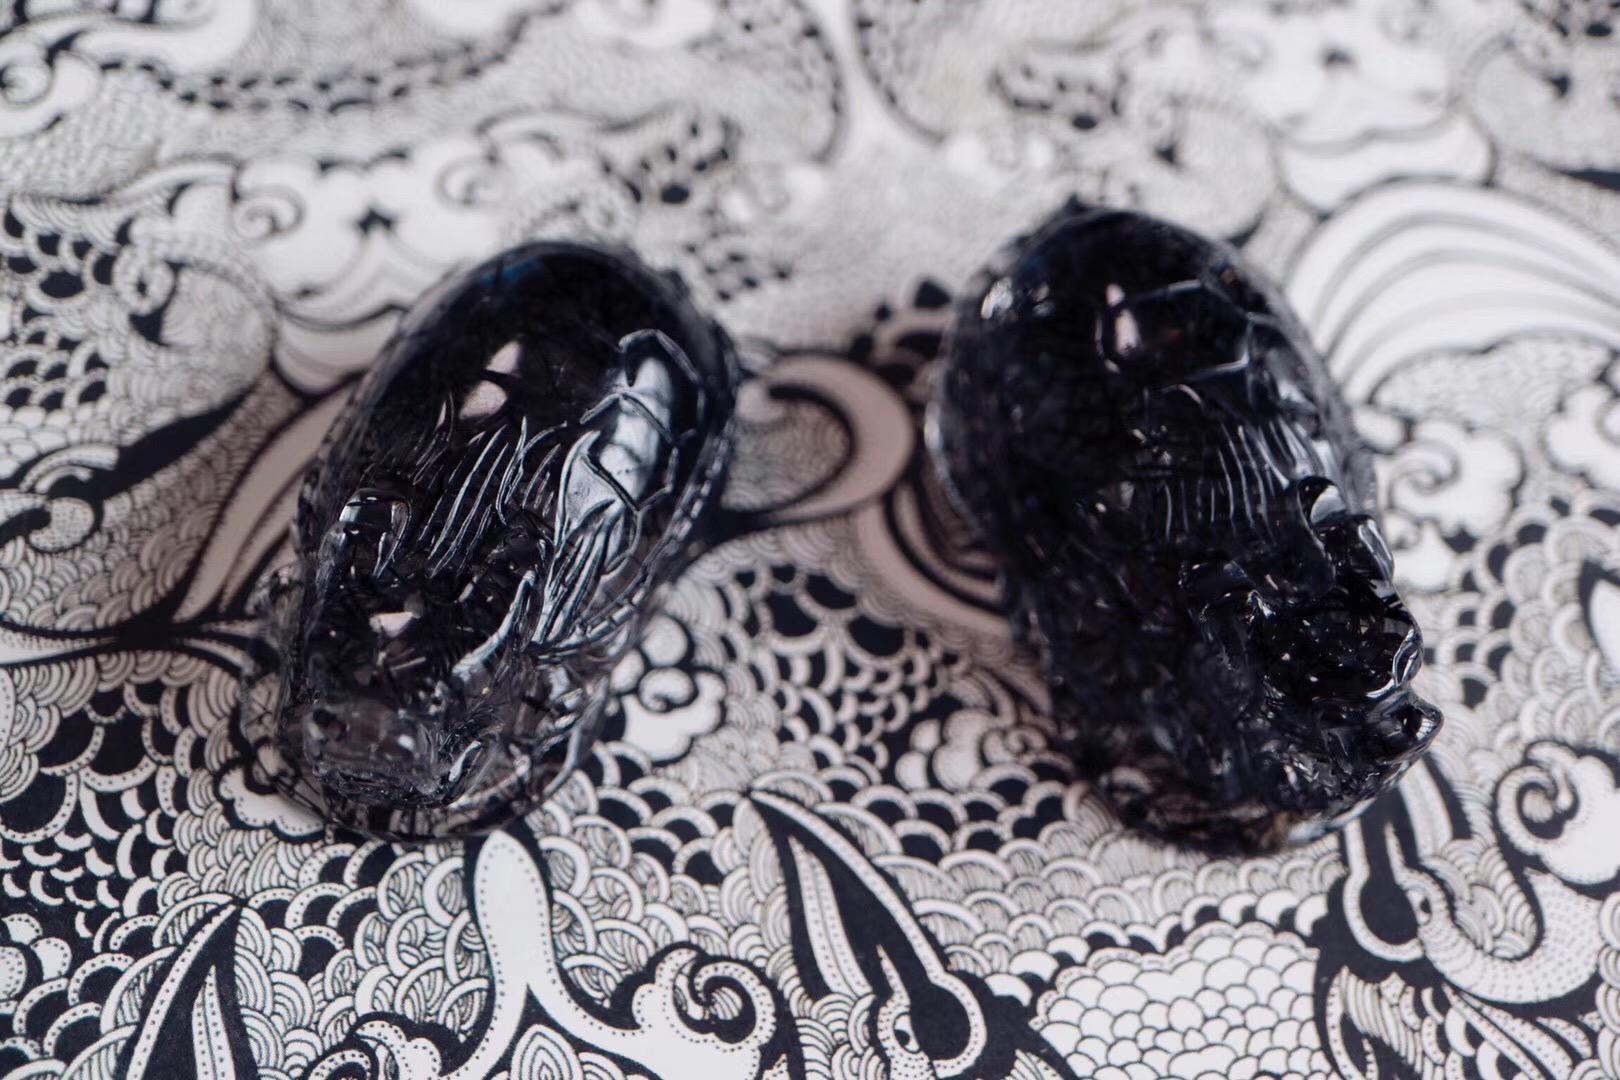 【菩心 | 黑发晶龙龟】四灵之一,吉瑞之兽-菩心晶舍